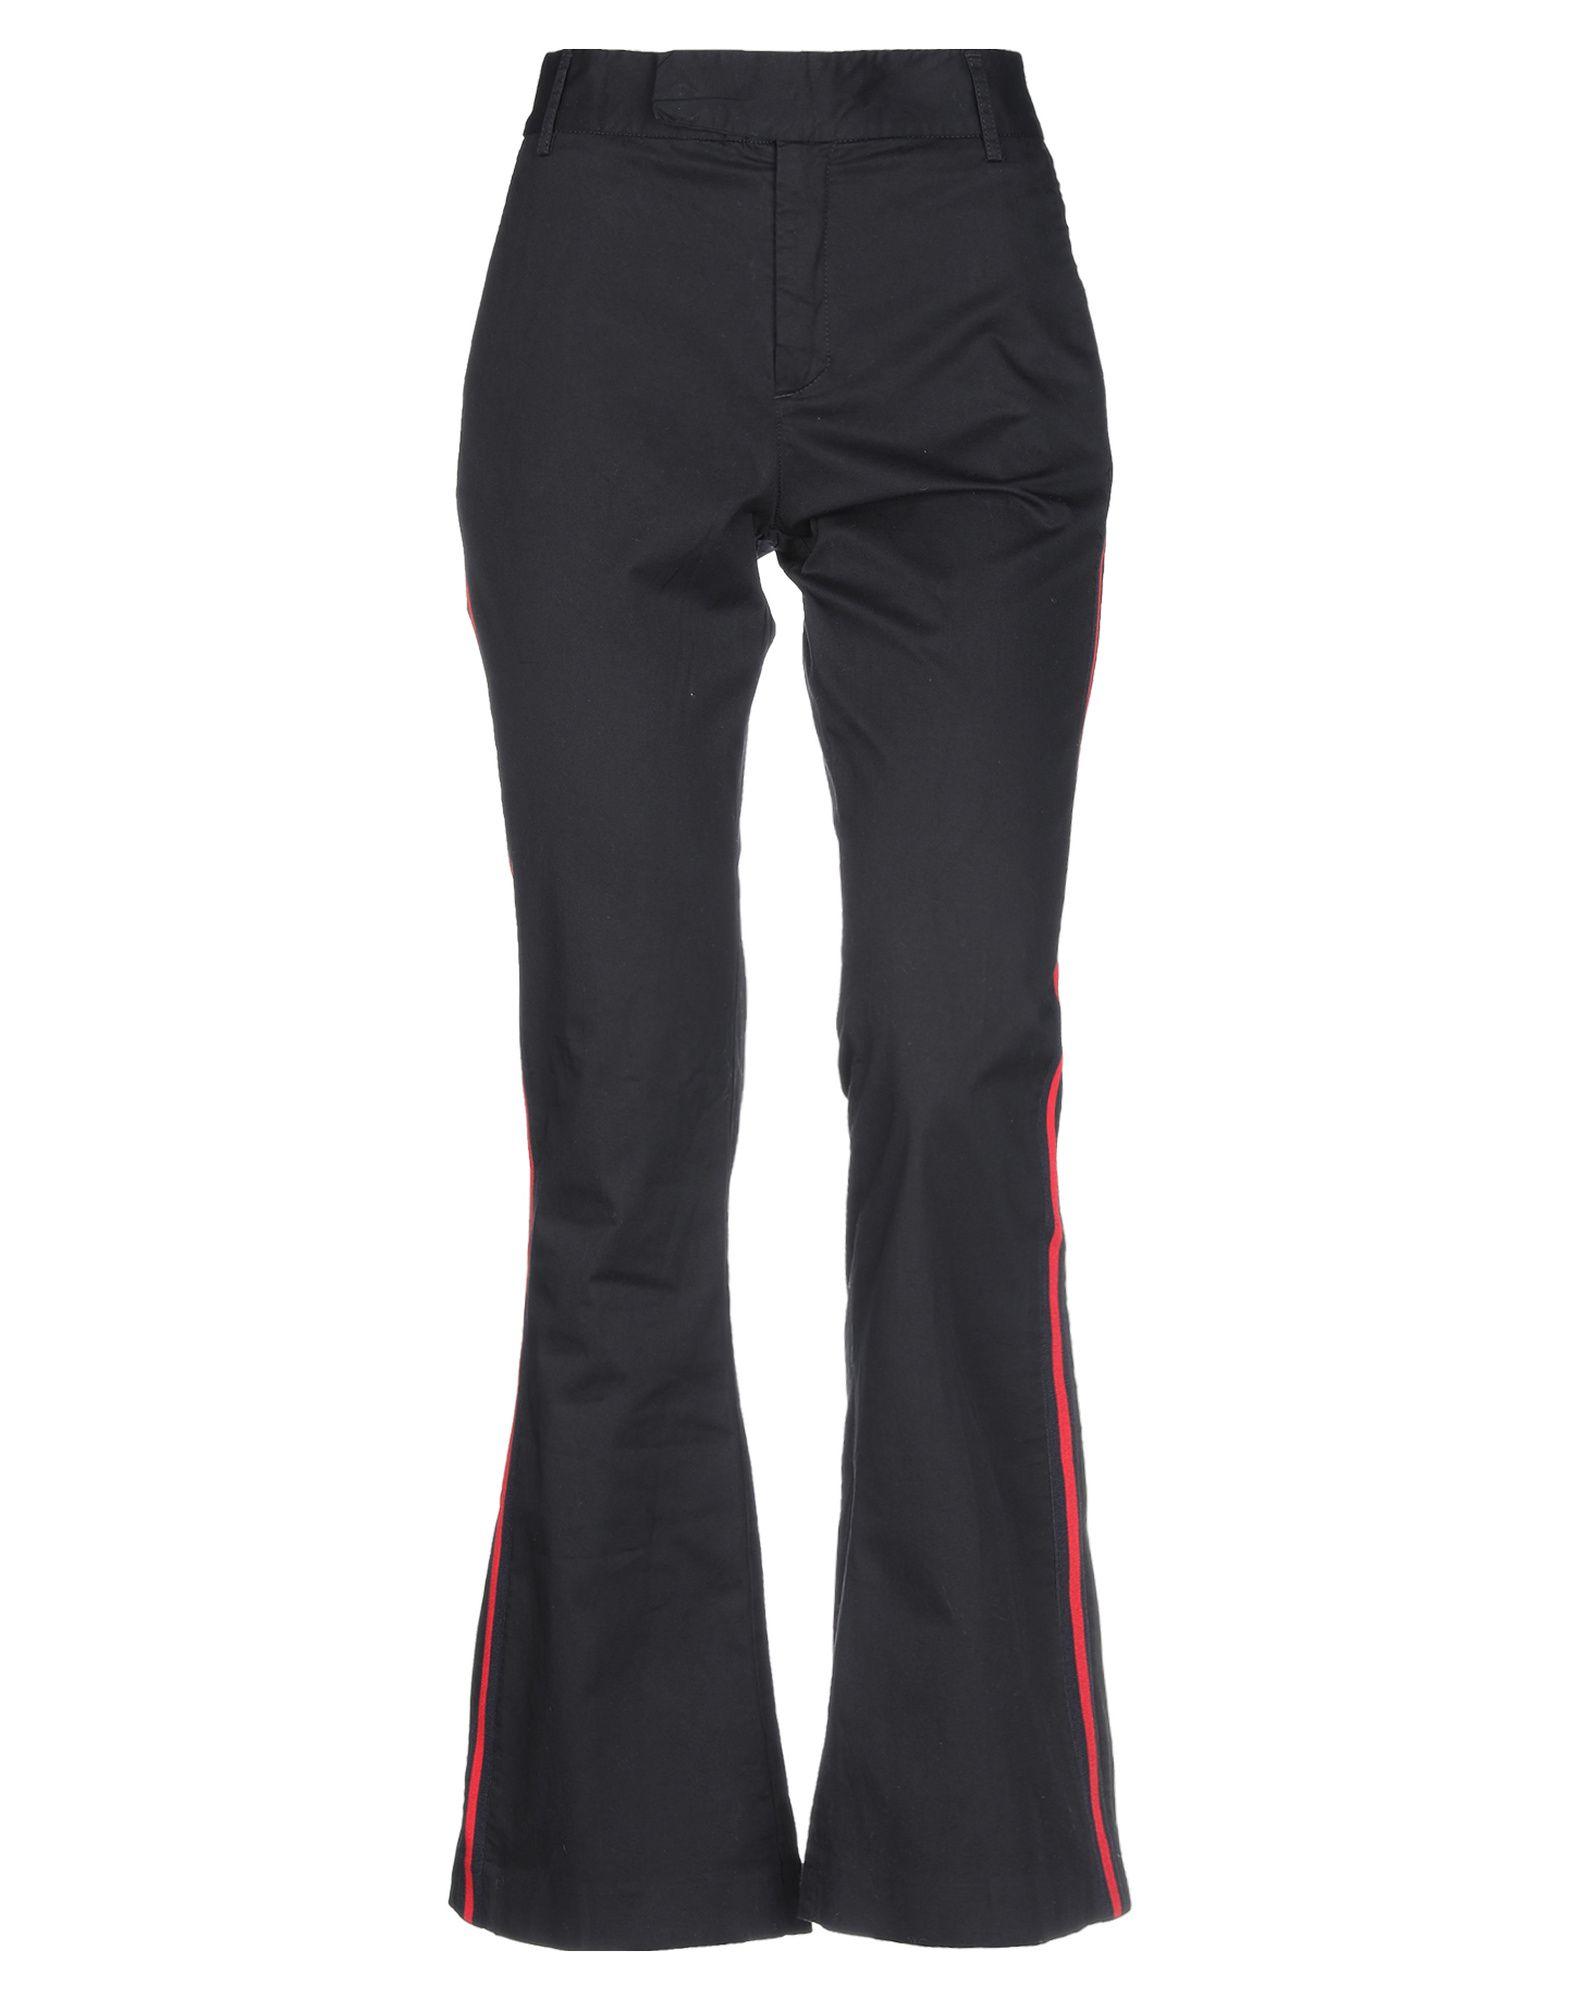 Pantalone N°21 donna donna donna - 13313849KC eda